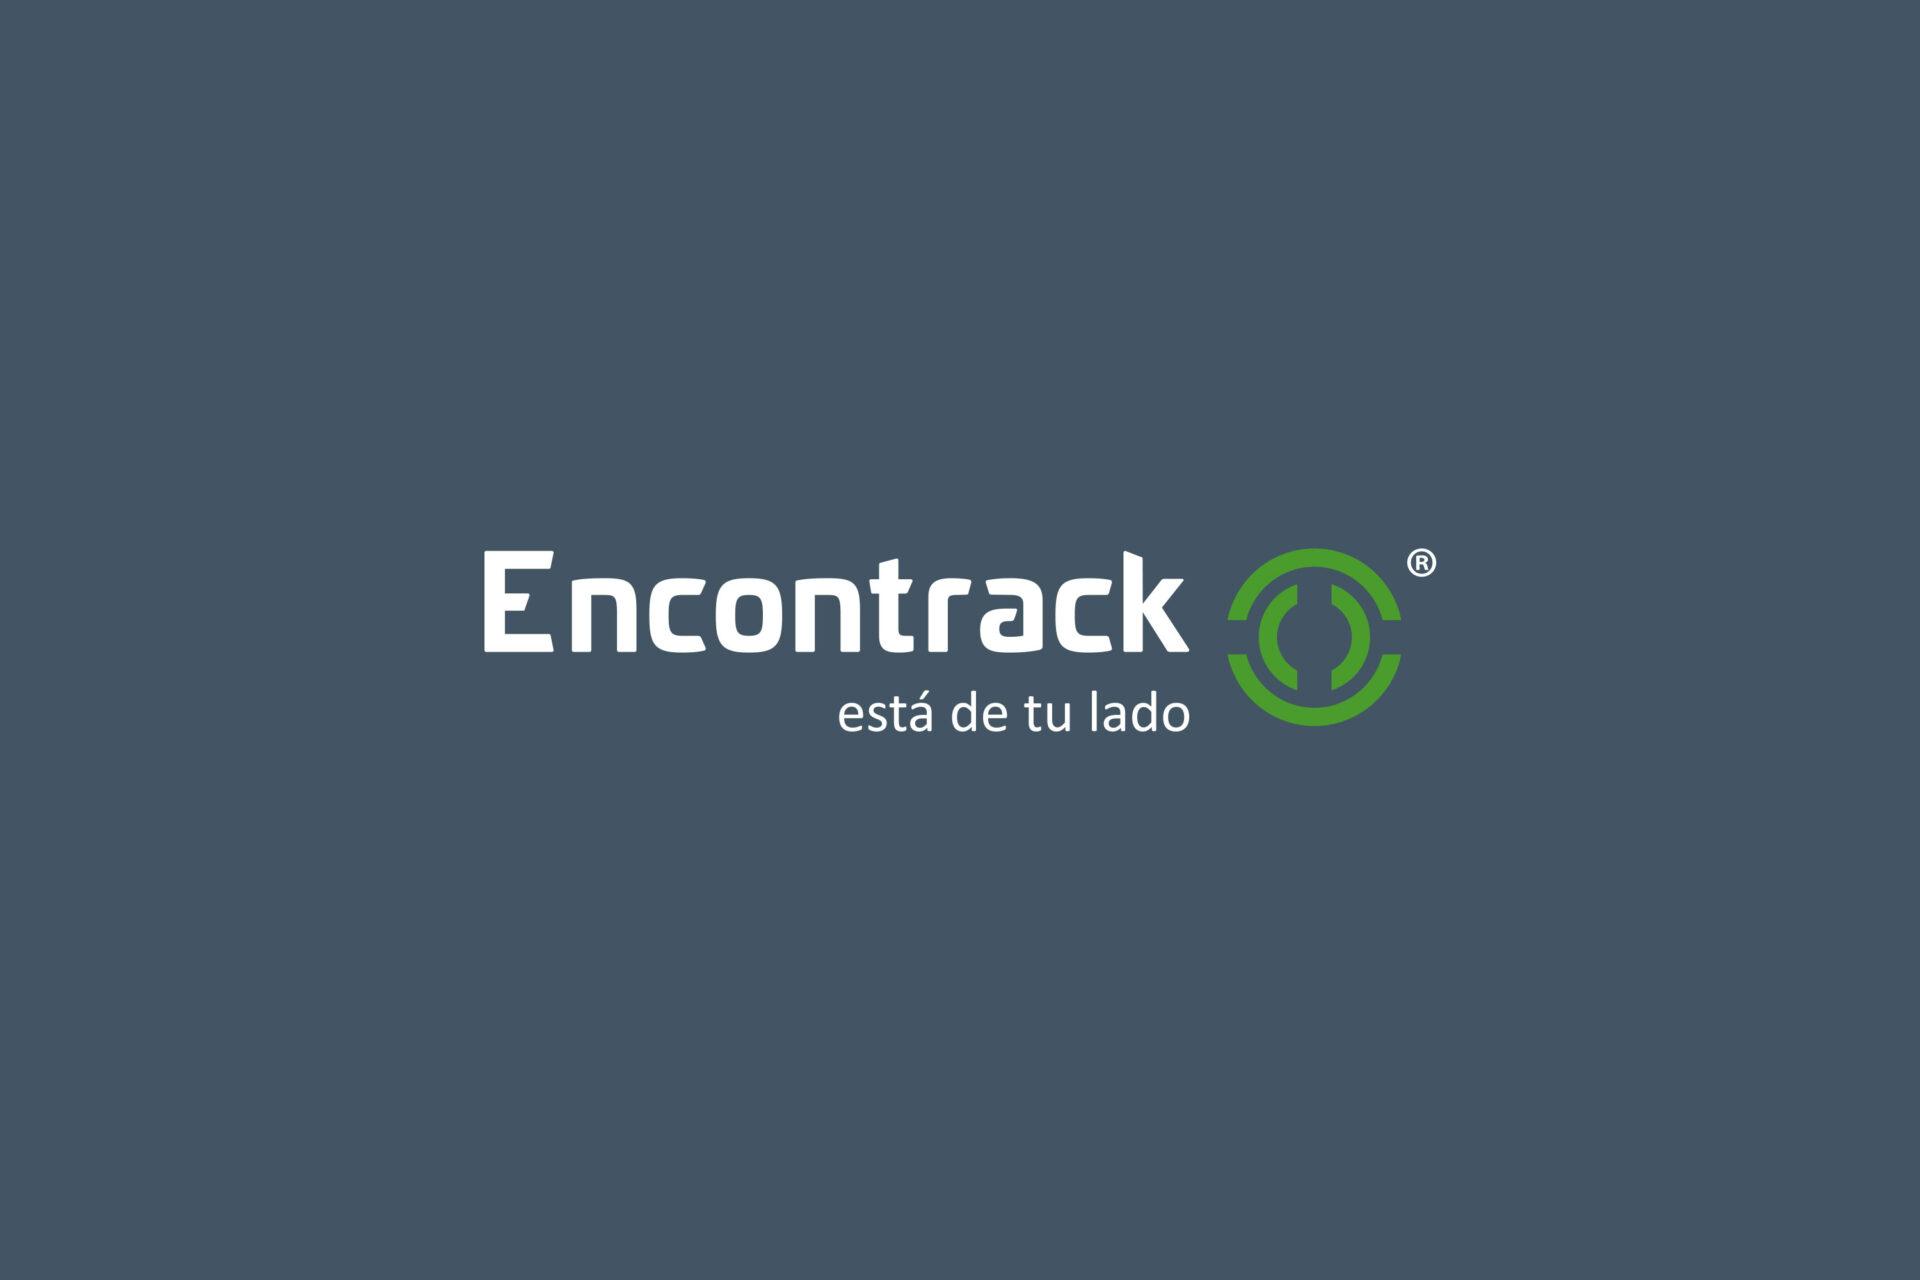 03-logo-encontrack